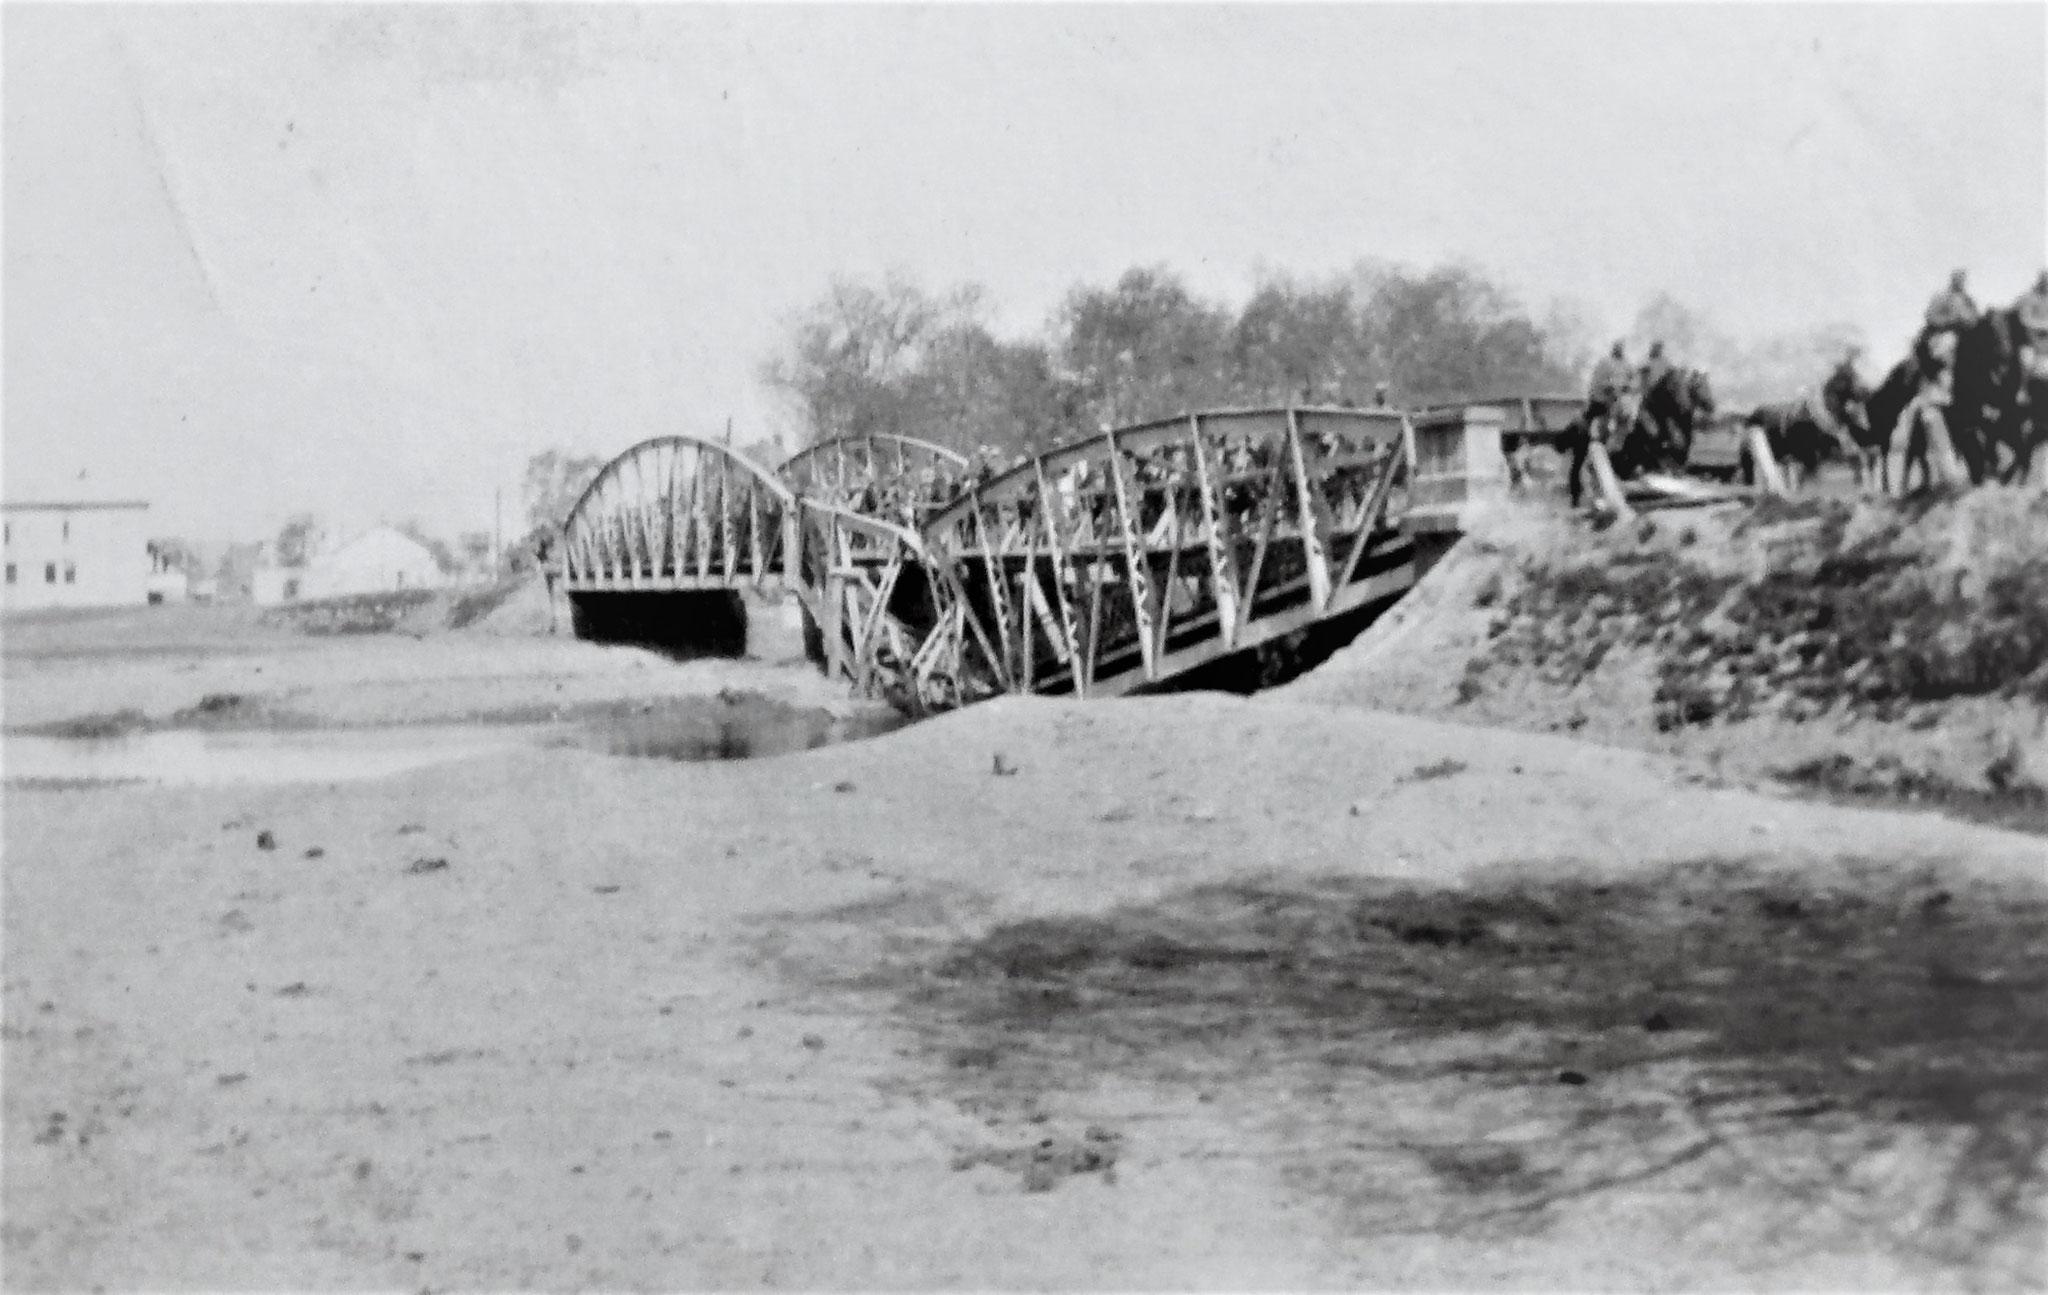 Wiederhergestellte Brücke bei Felsövizköz , auf der Strasse 3./D5 am Marsche.